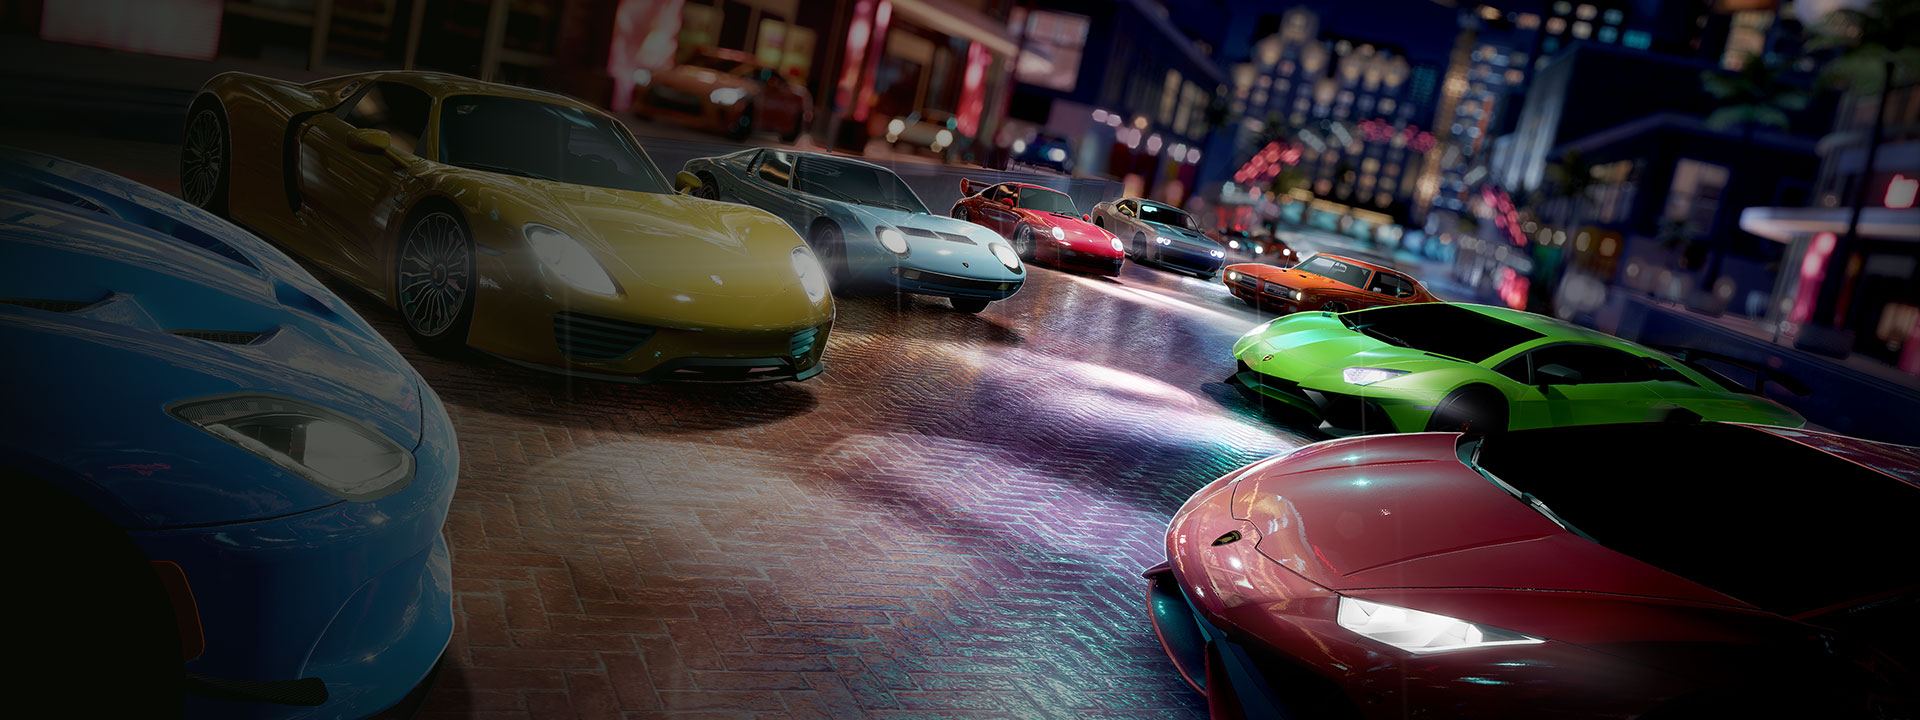 Gamme de voitures de sport sur une rue colorée la nuit